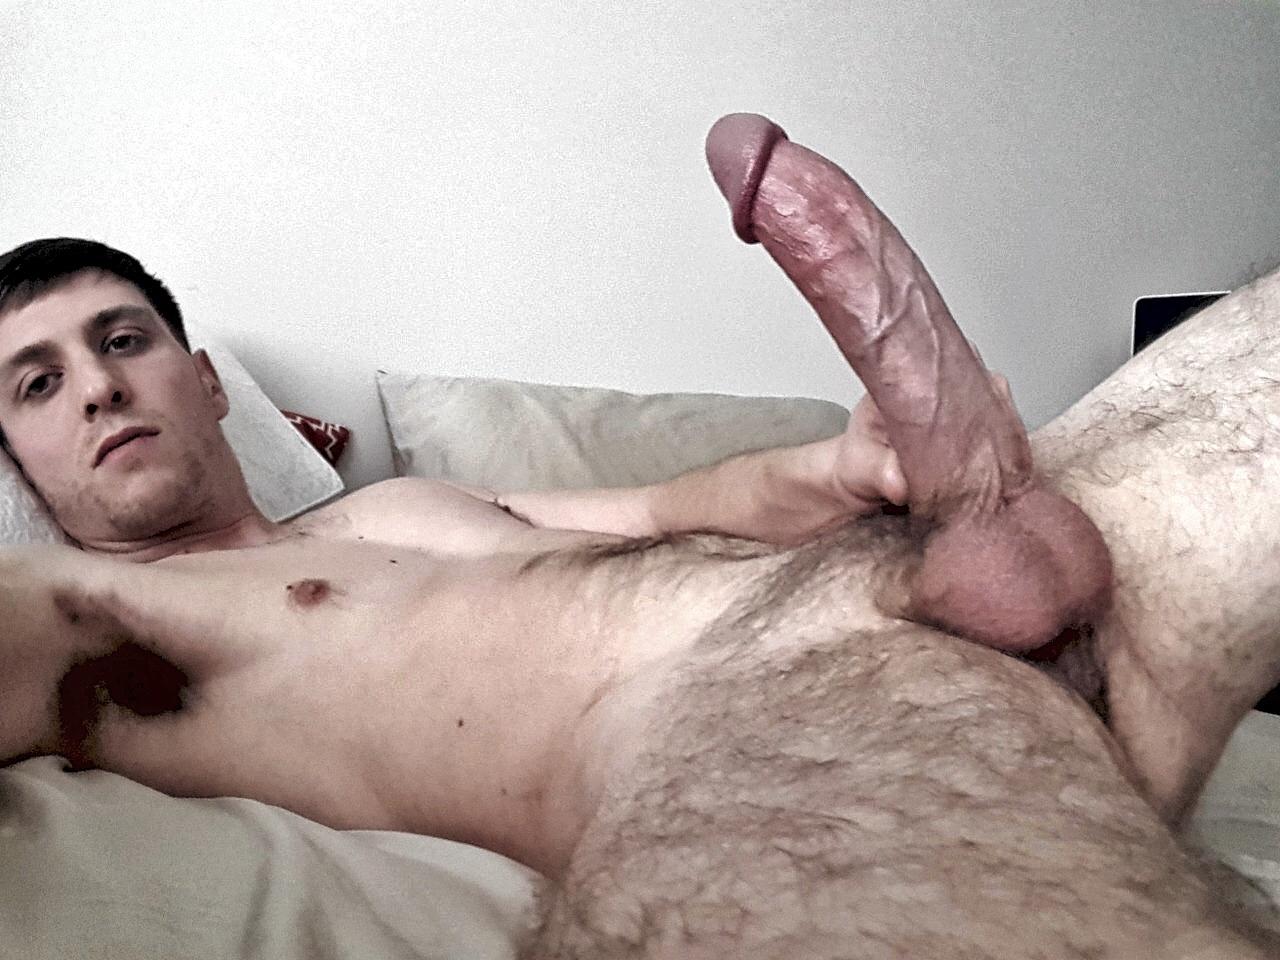 tumblr_o9qu7tgR7v1rc523no1_1280